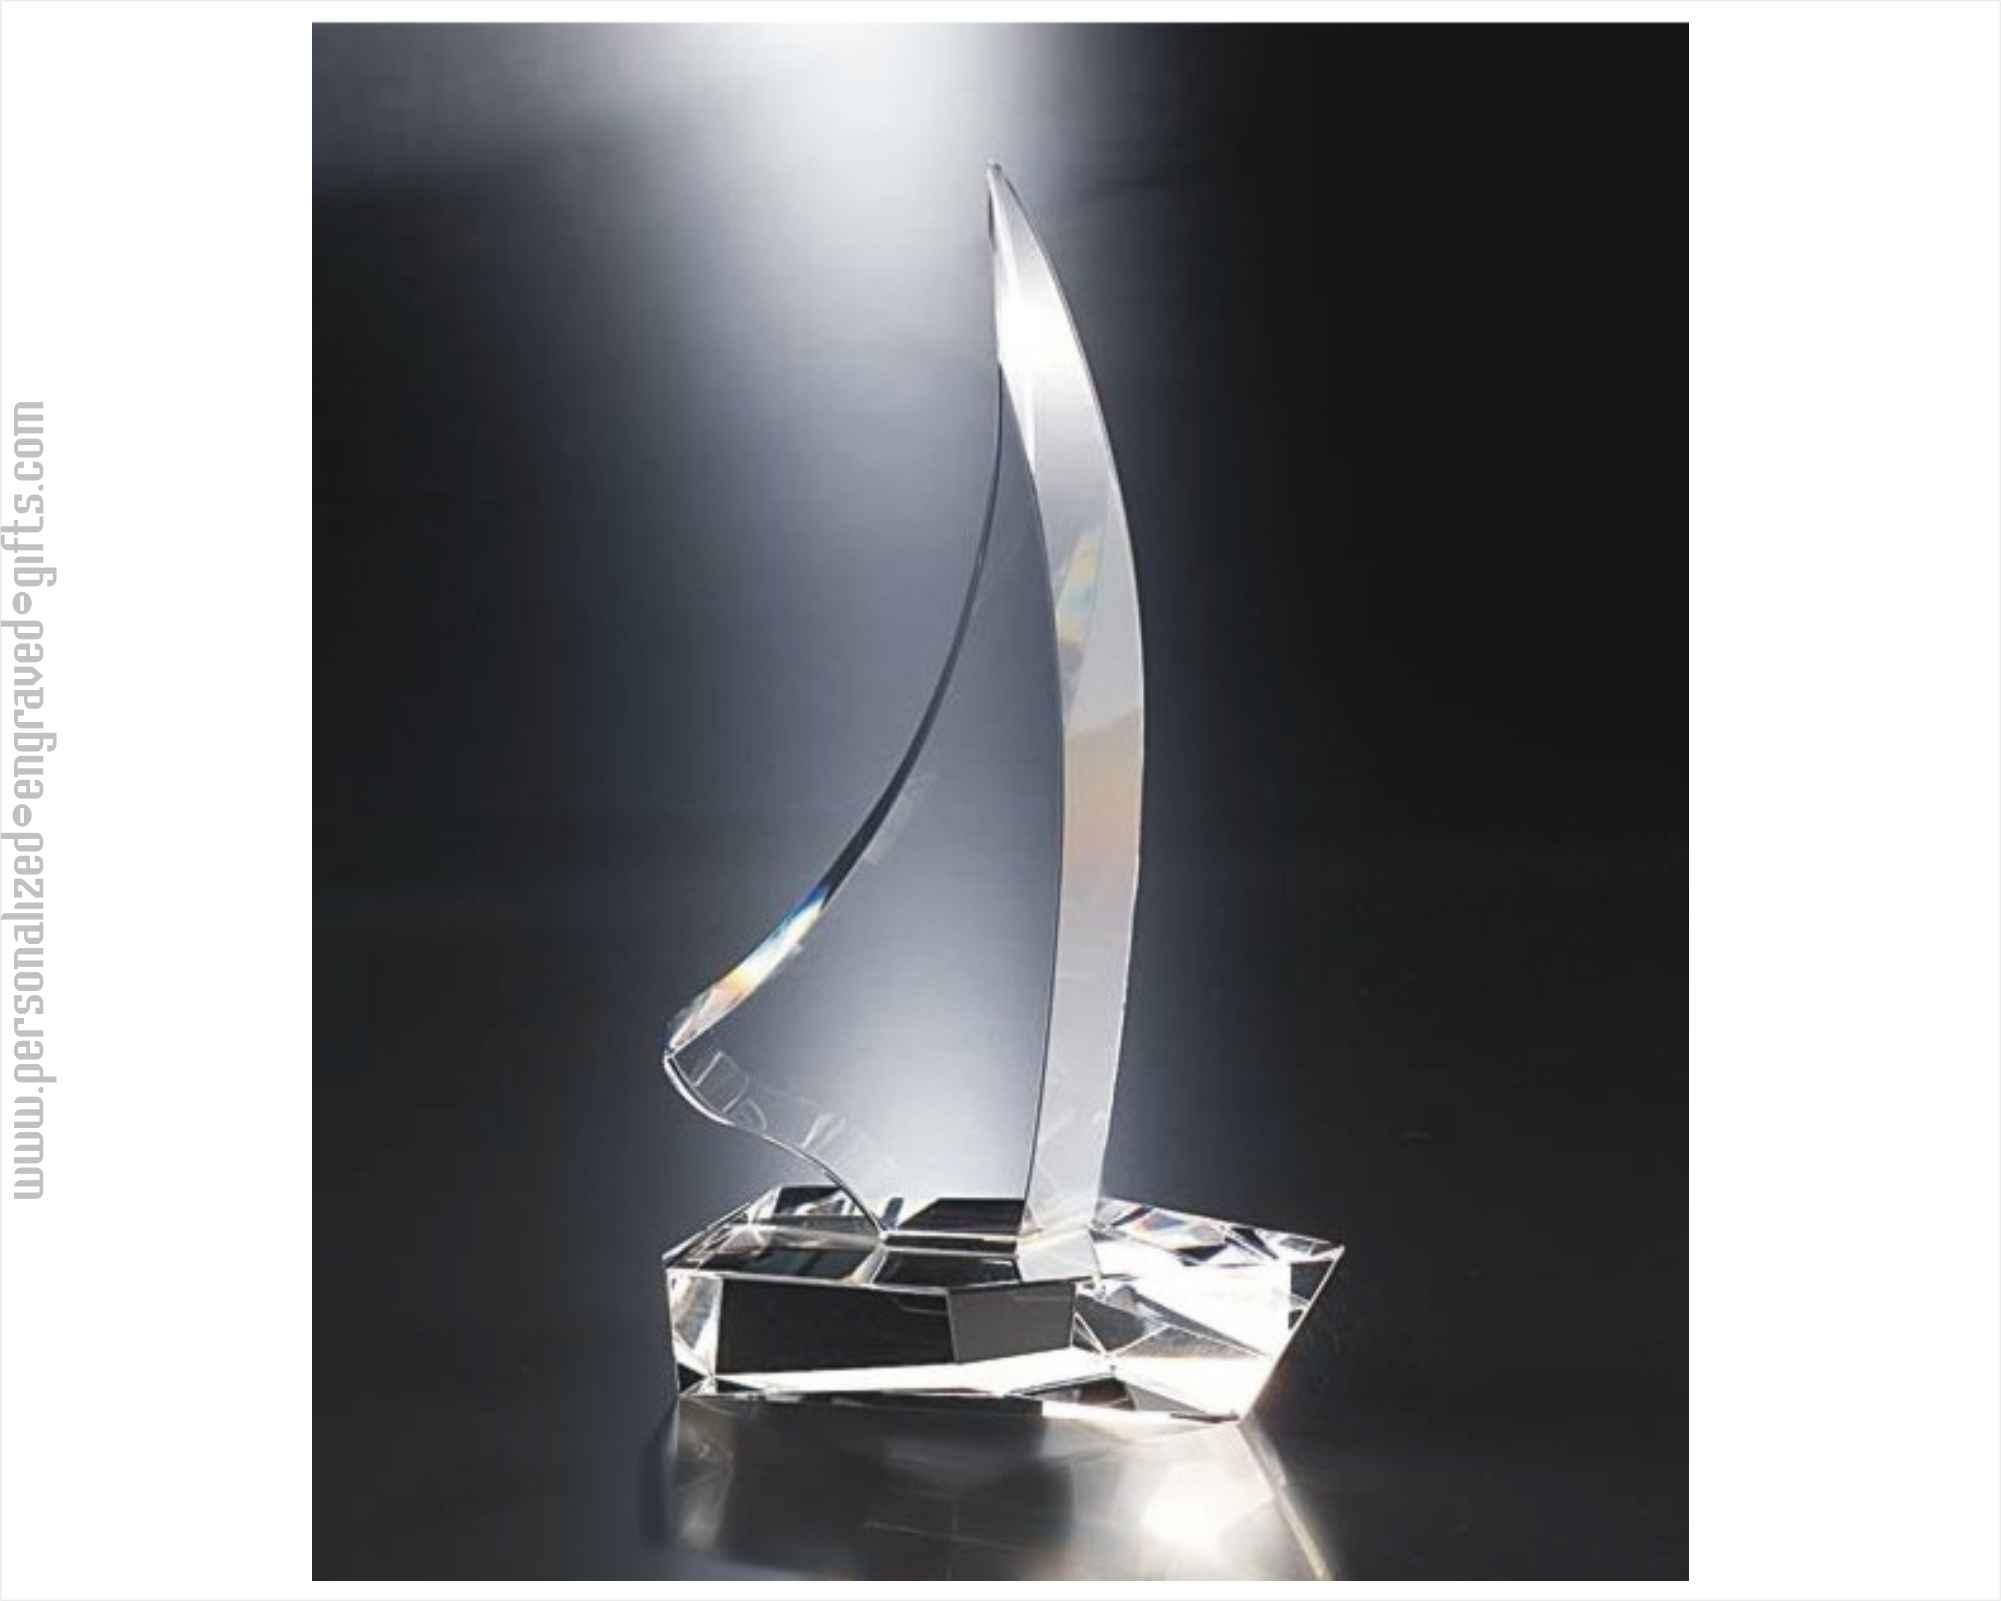 Crystal Clear Sailboat Award